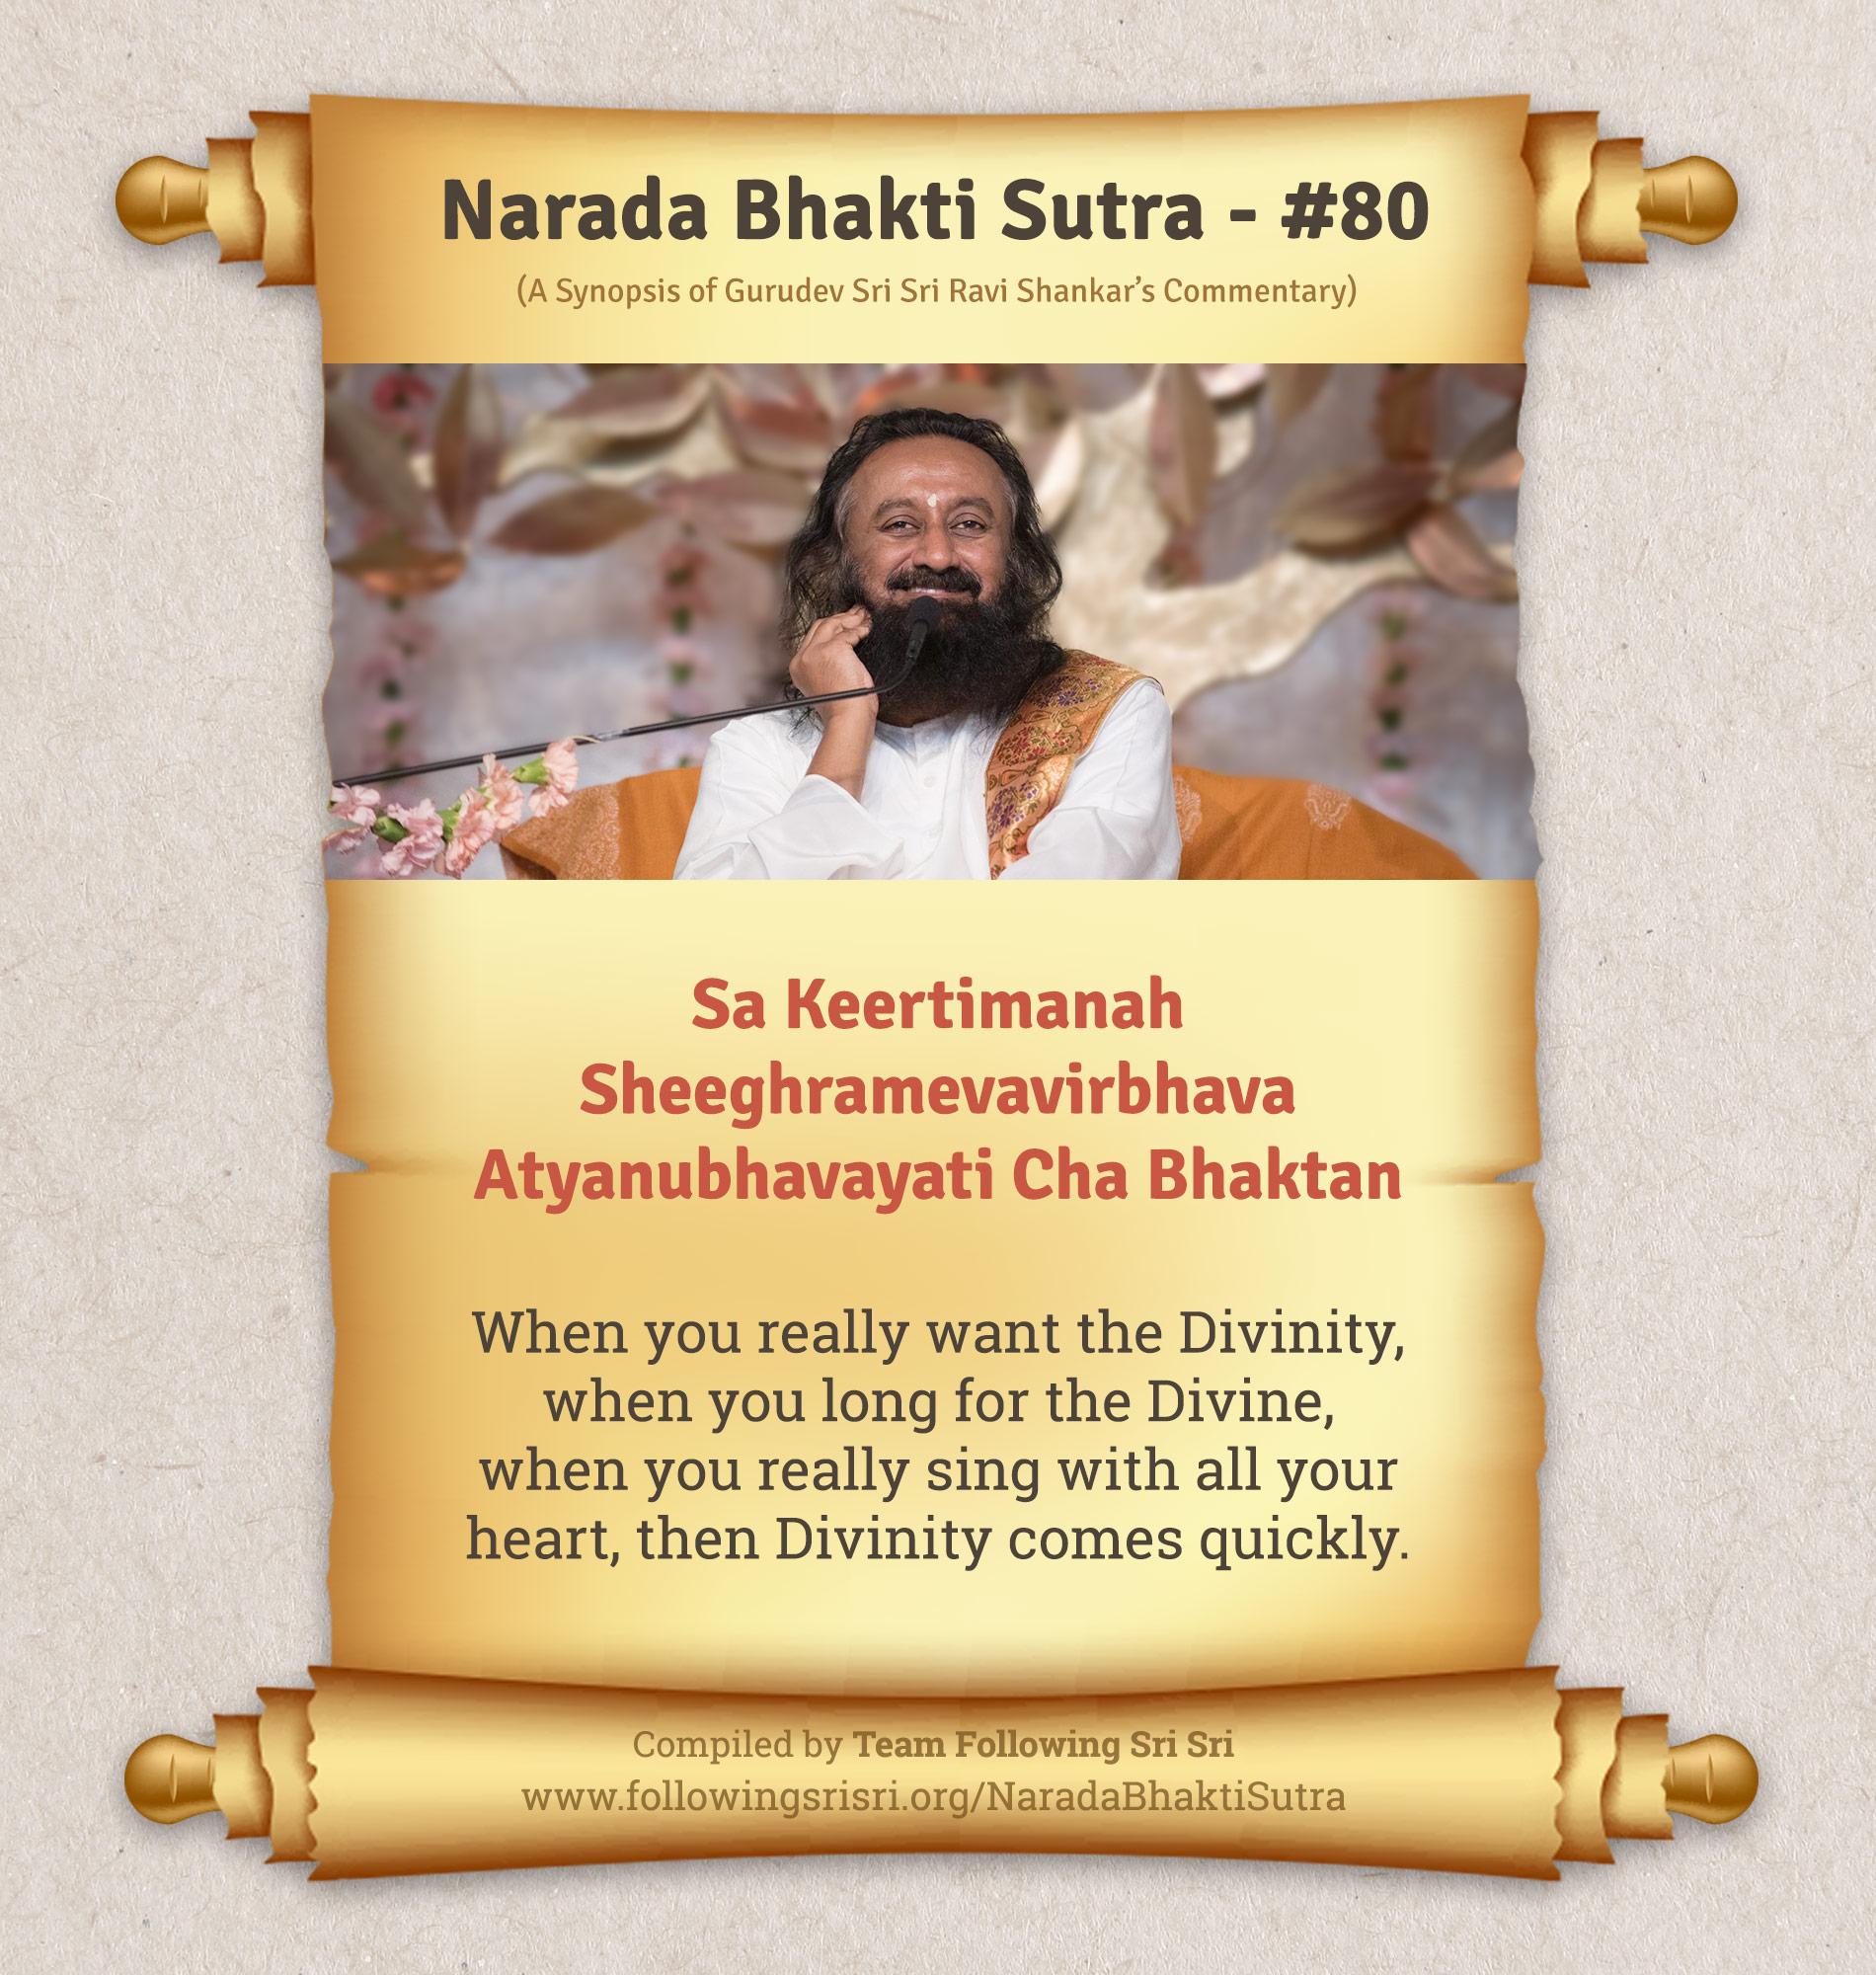 Narada Bhakti Sutras - Sutra 80